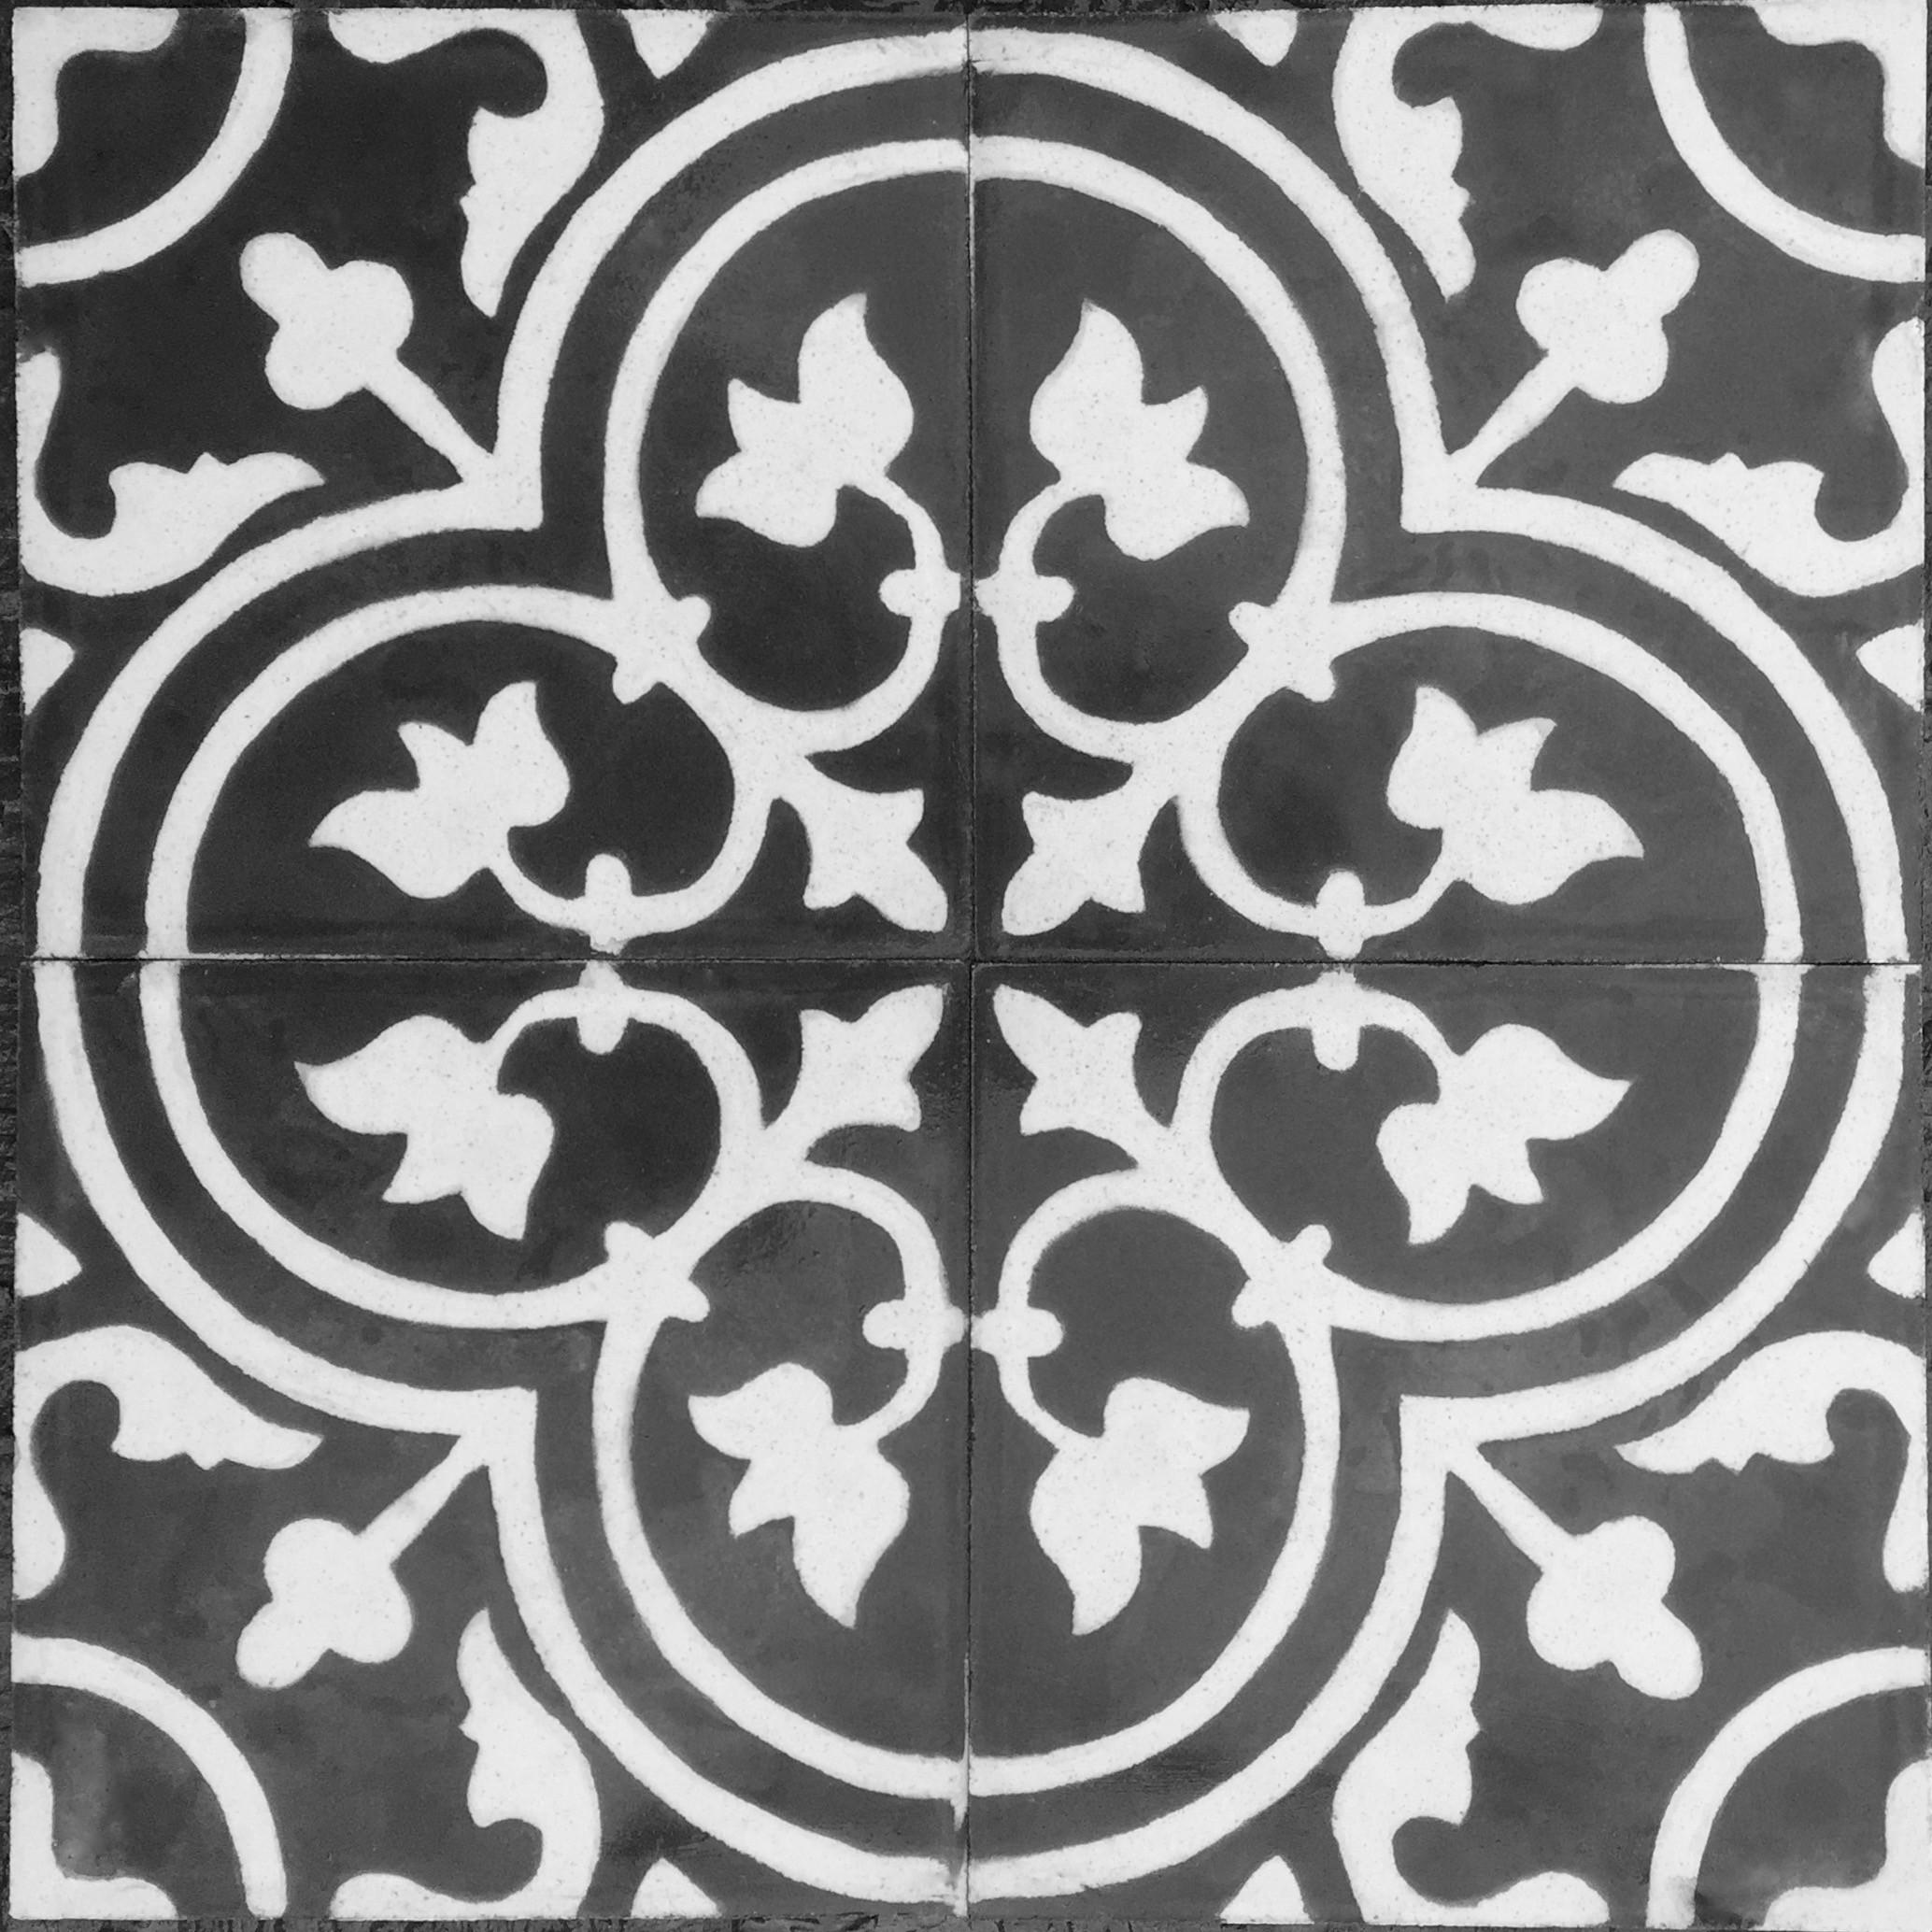 Carreaux Noir Et Blanc Cuisine vrai carreau ciment pas cher lys-noir - carrelage-mosaique